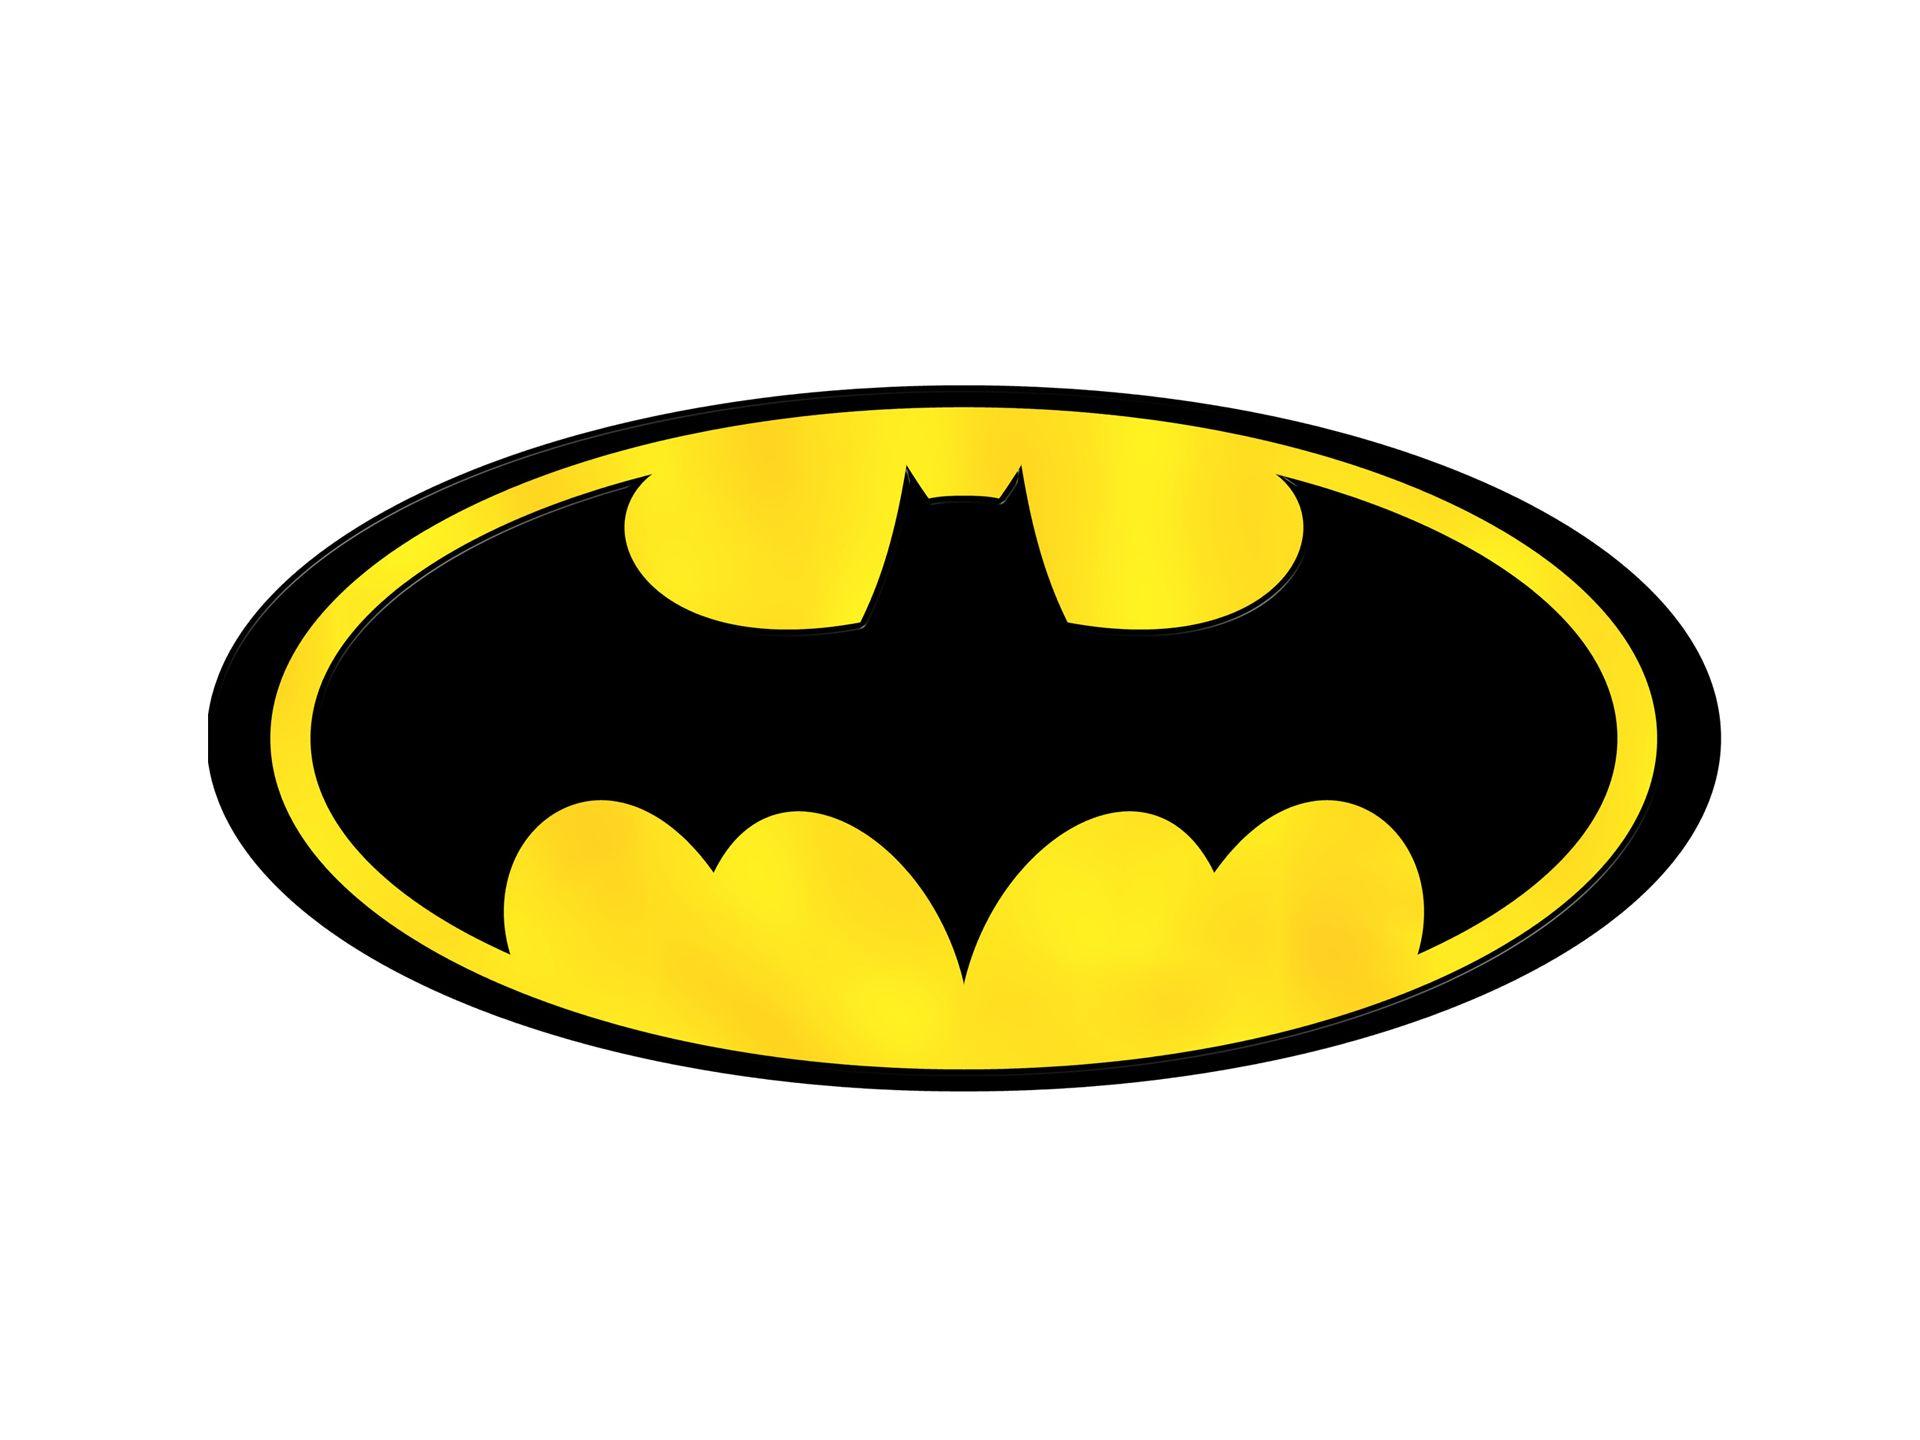 1920x1440 Batman Clipart Batman Logo